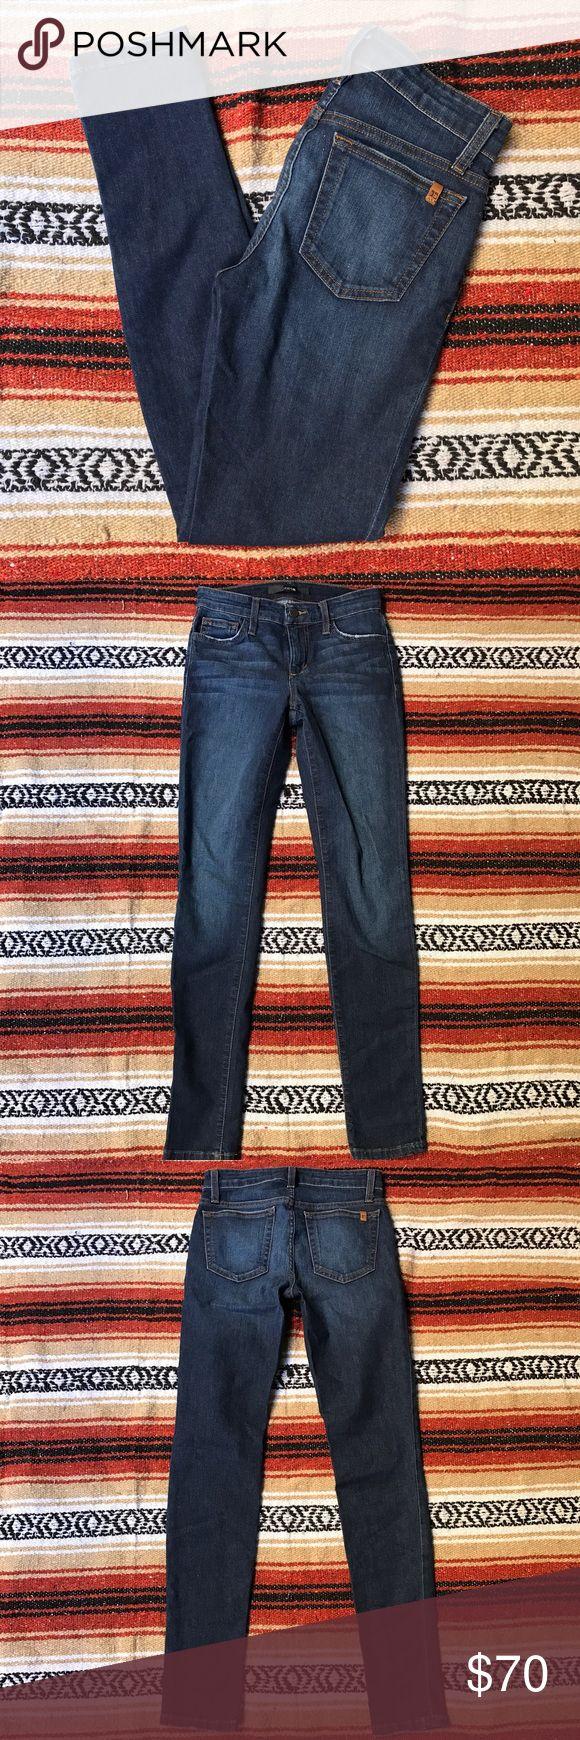 """Joe's Petite Skinny Jeans Size 24 NWOT, no signs of wear, 29"""" inseam Joe's Jeans Jeans Skinny"""